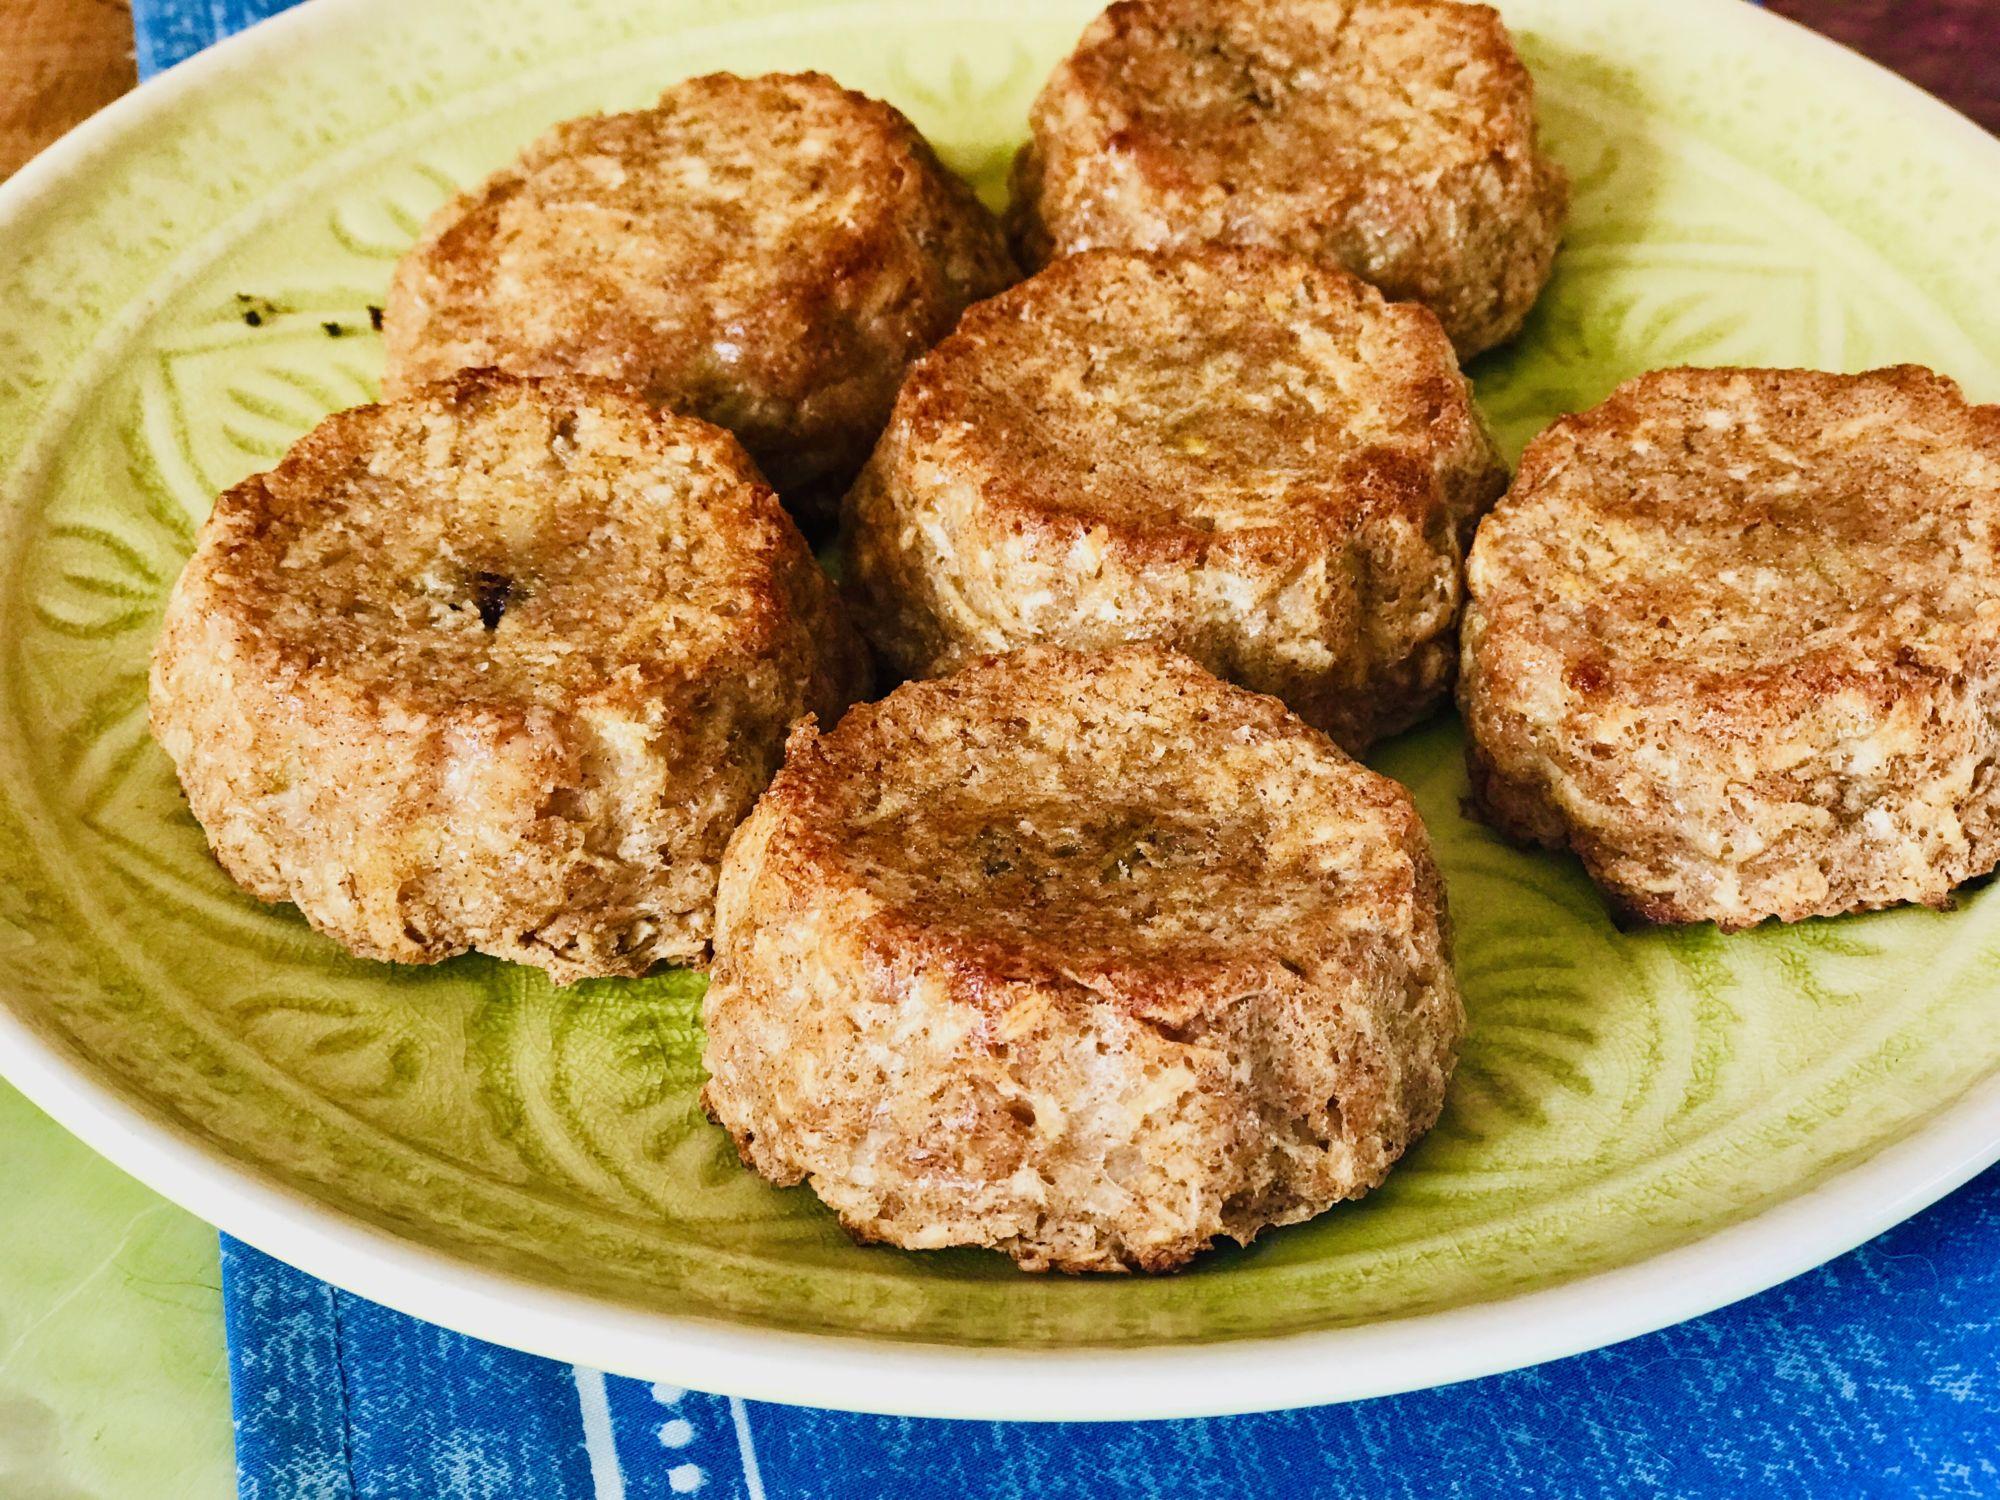 Muffiny ze sojového mléka, ovesných vloček ajablíčka